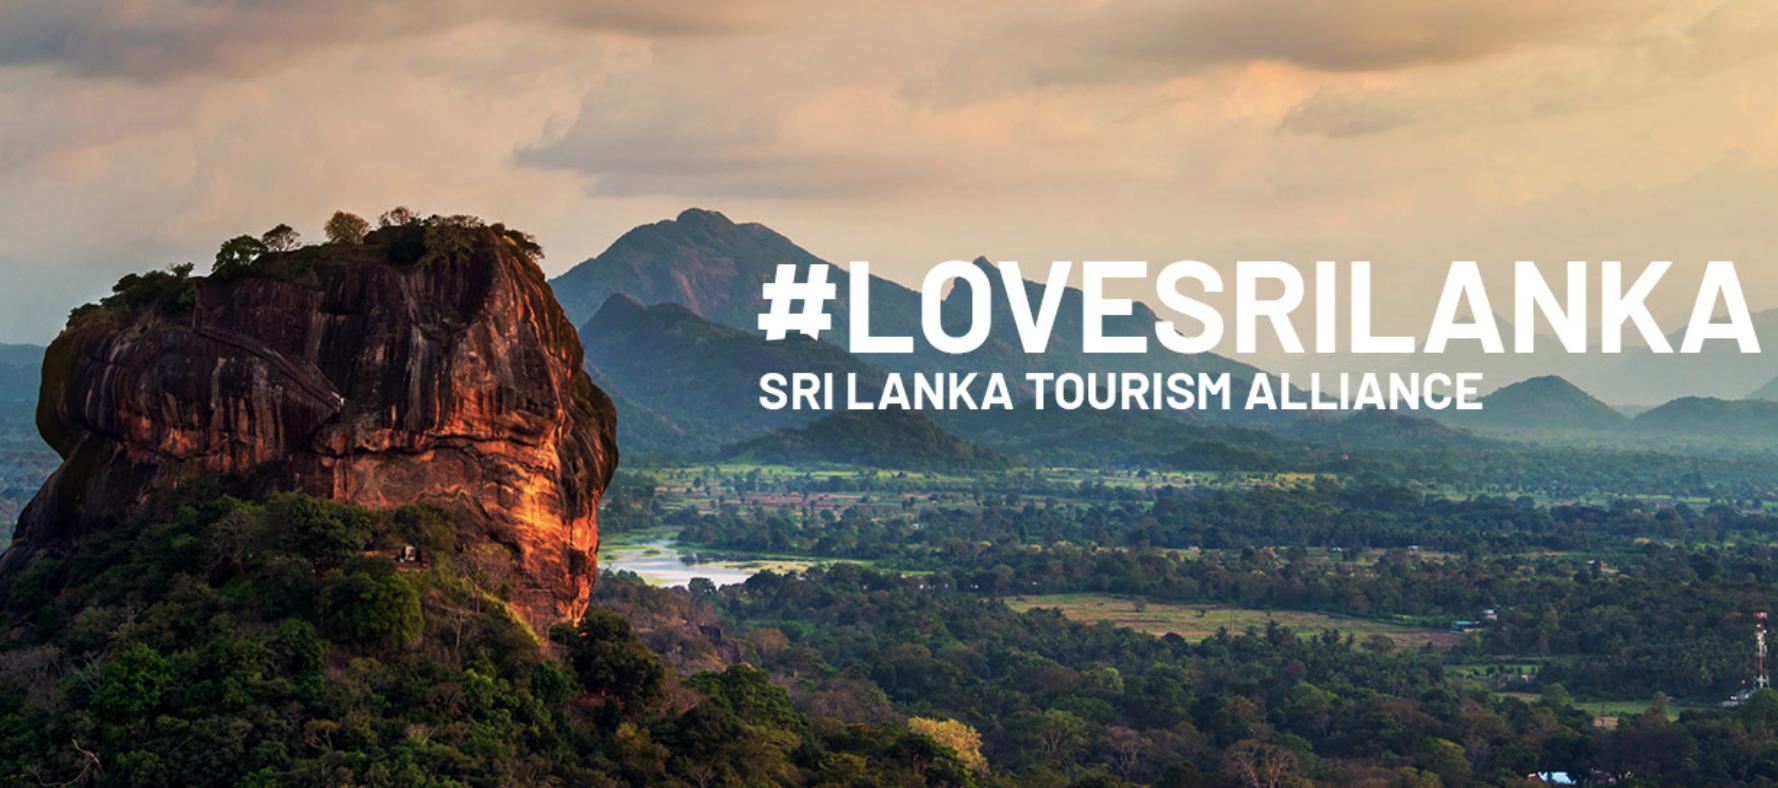 #lovesrilanka